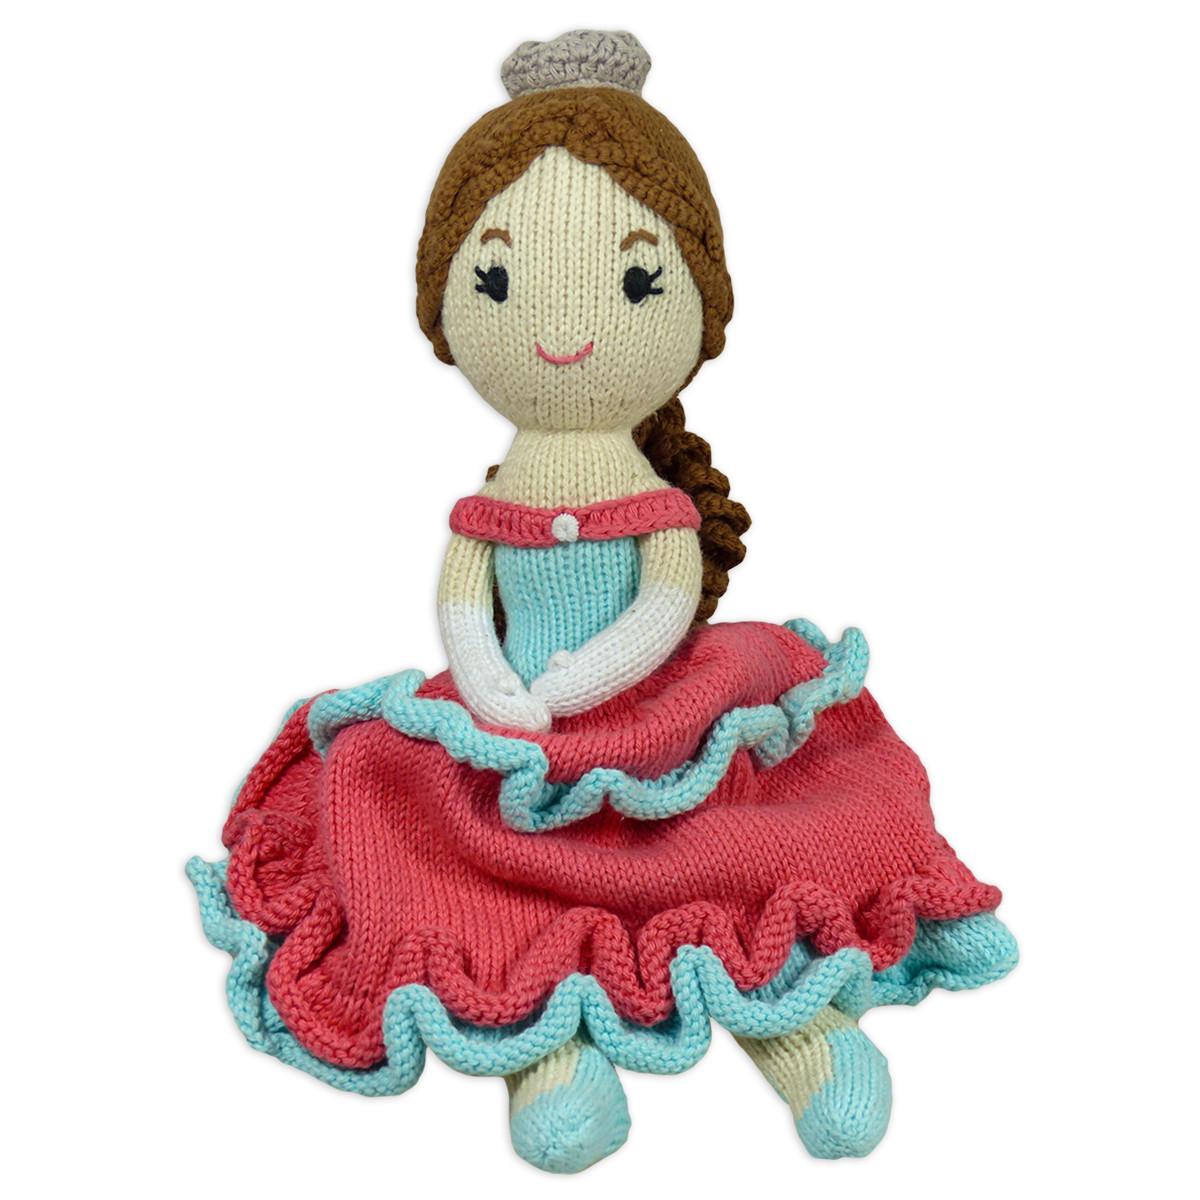 Chill n Feel_Öko Puppe Prinzessin Sophie_Schadstofffreie Babypuppe_Gesundes Kuscheltier (6)